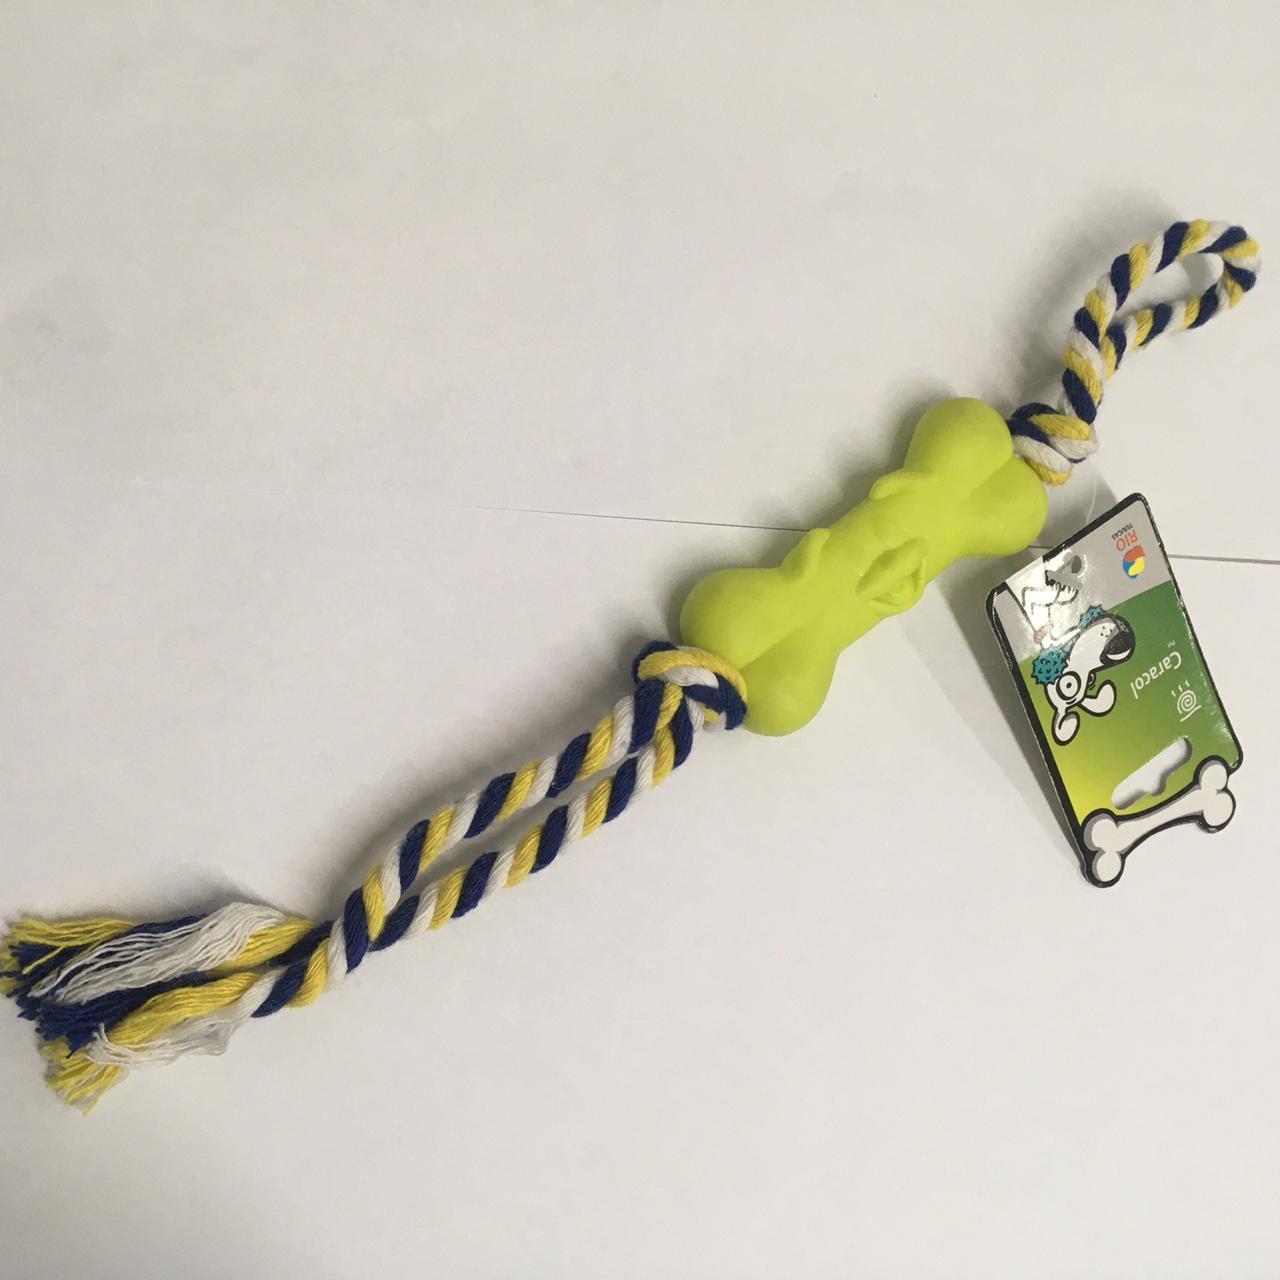 Brinquedo Mordedor para Cães - Osso Sorriso com corda